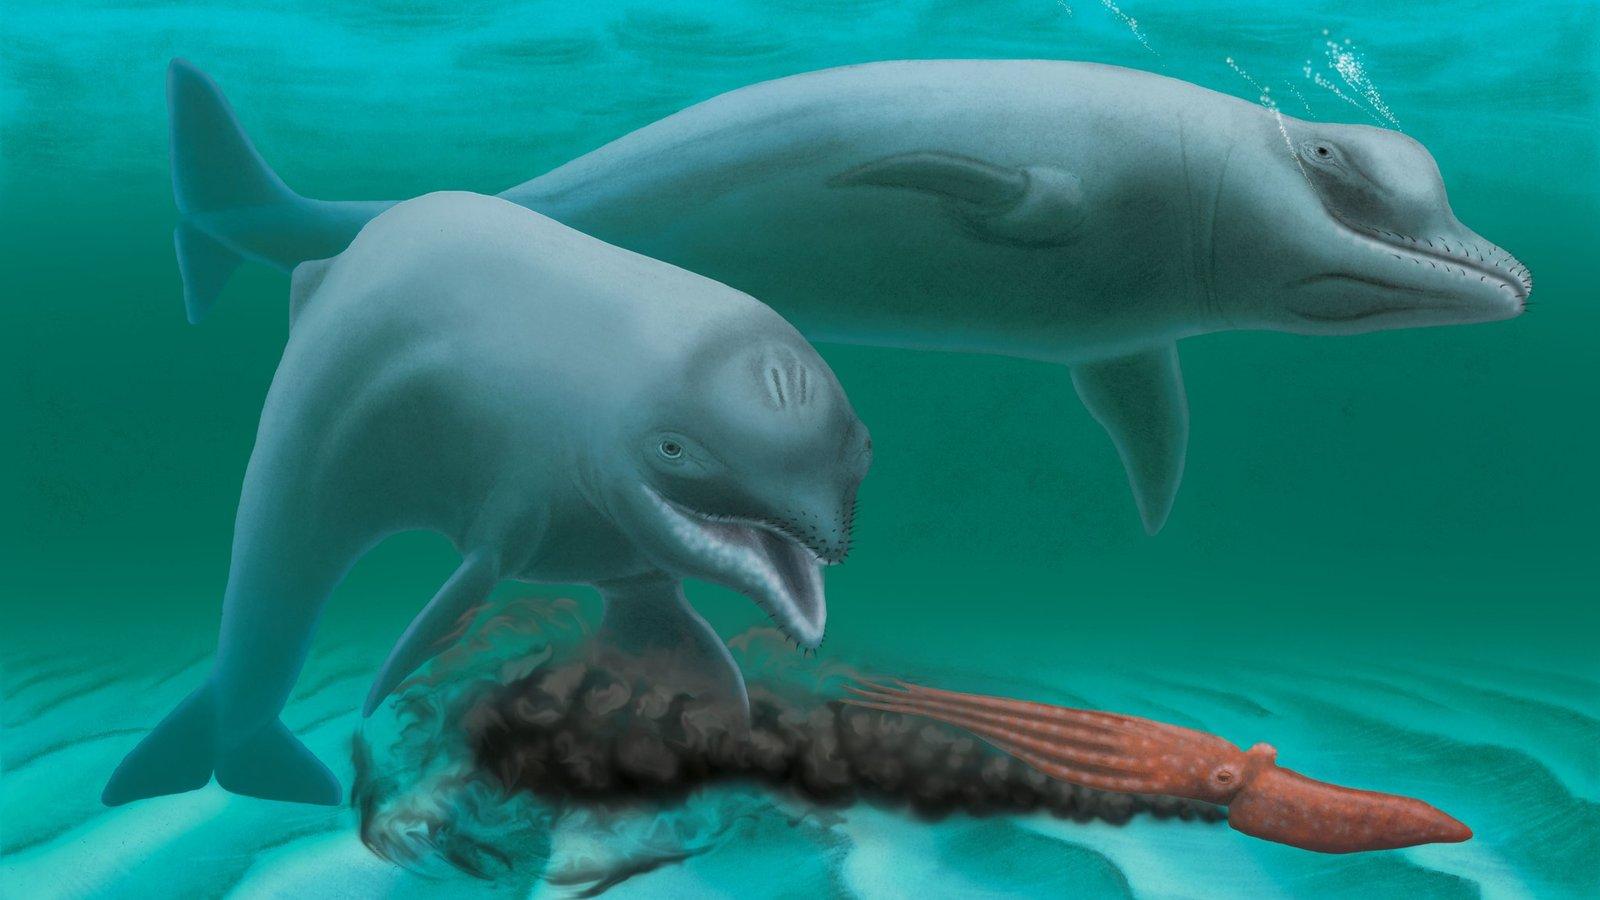 Эрегированный пенис дельфина